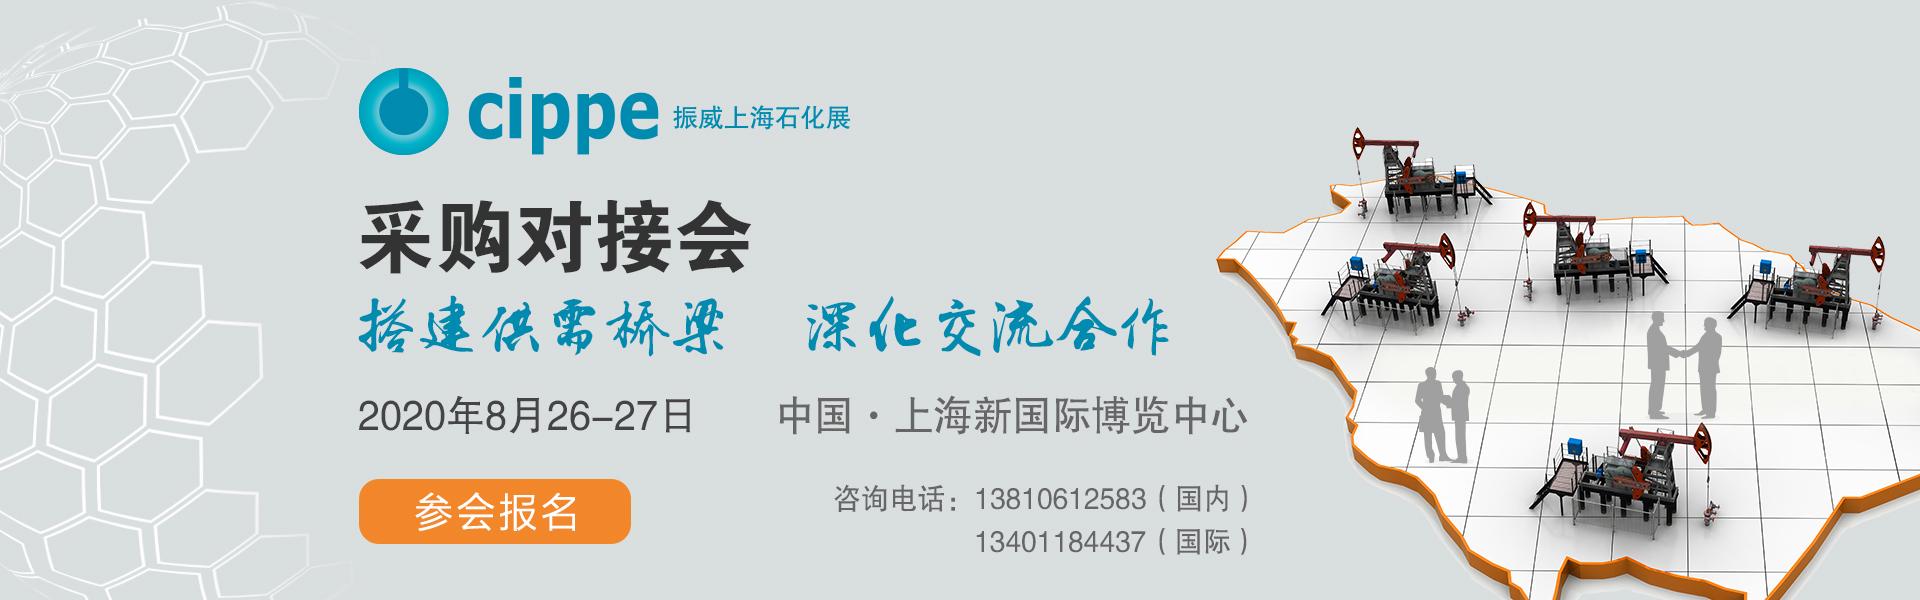 上海防爆展